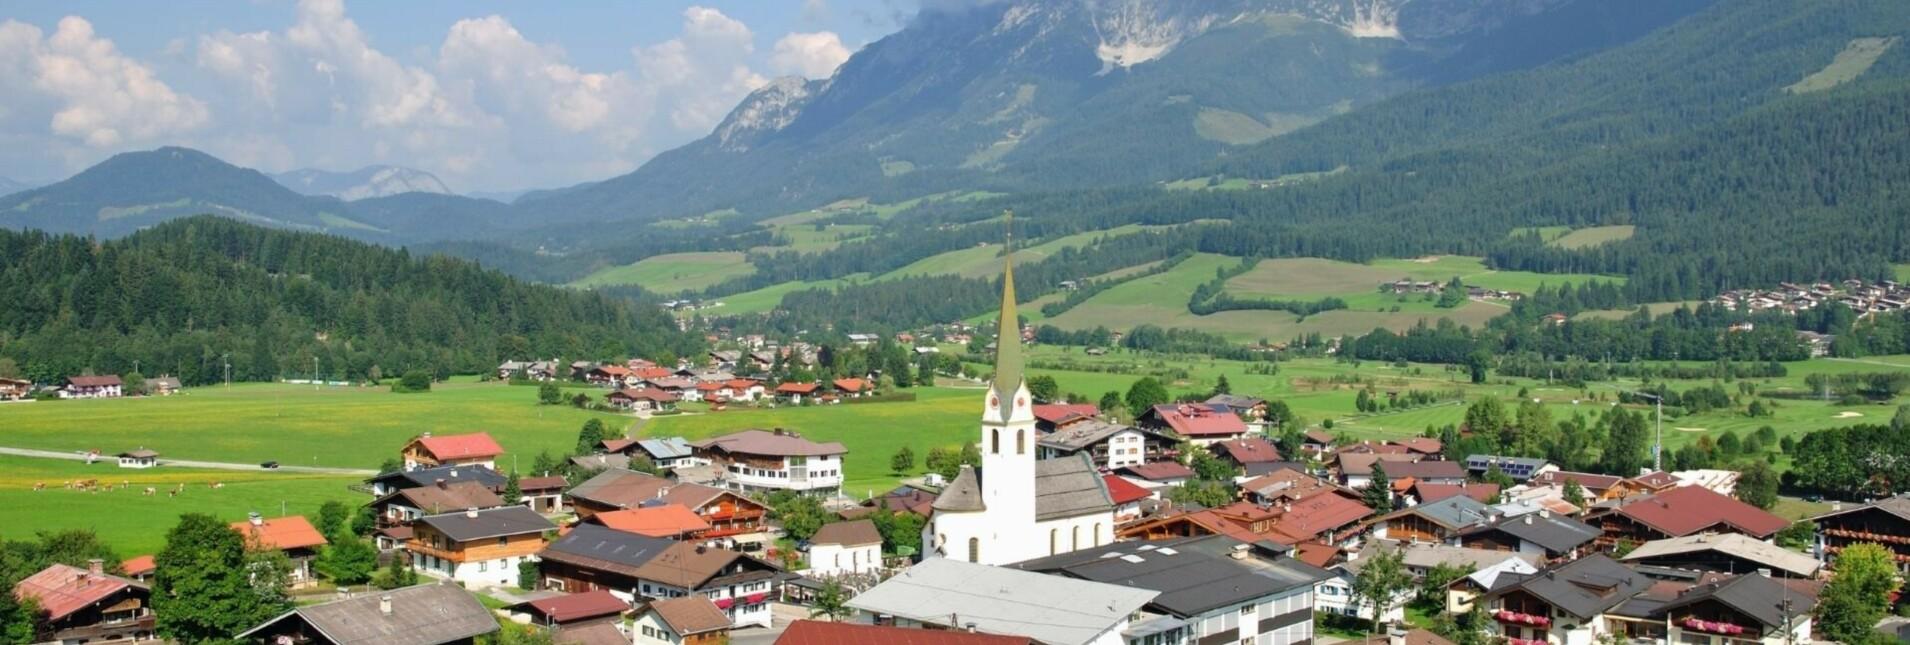 Filmschauplätze & Bergdoktor - Show in Tirol